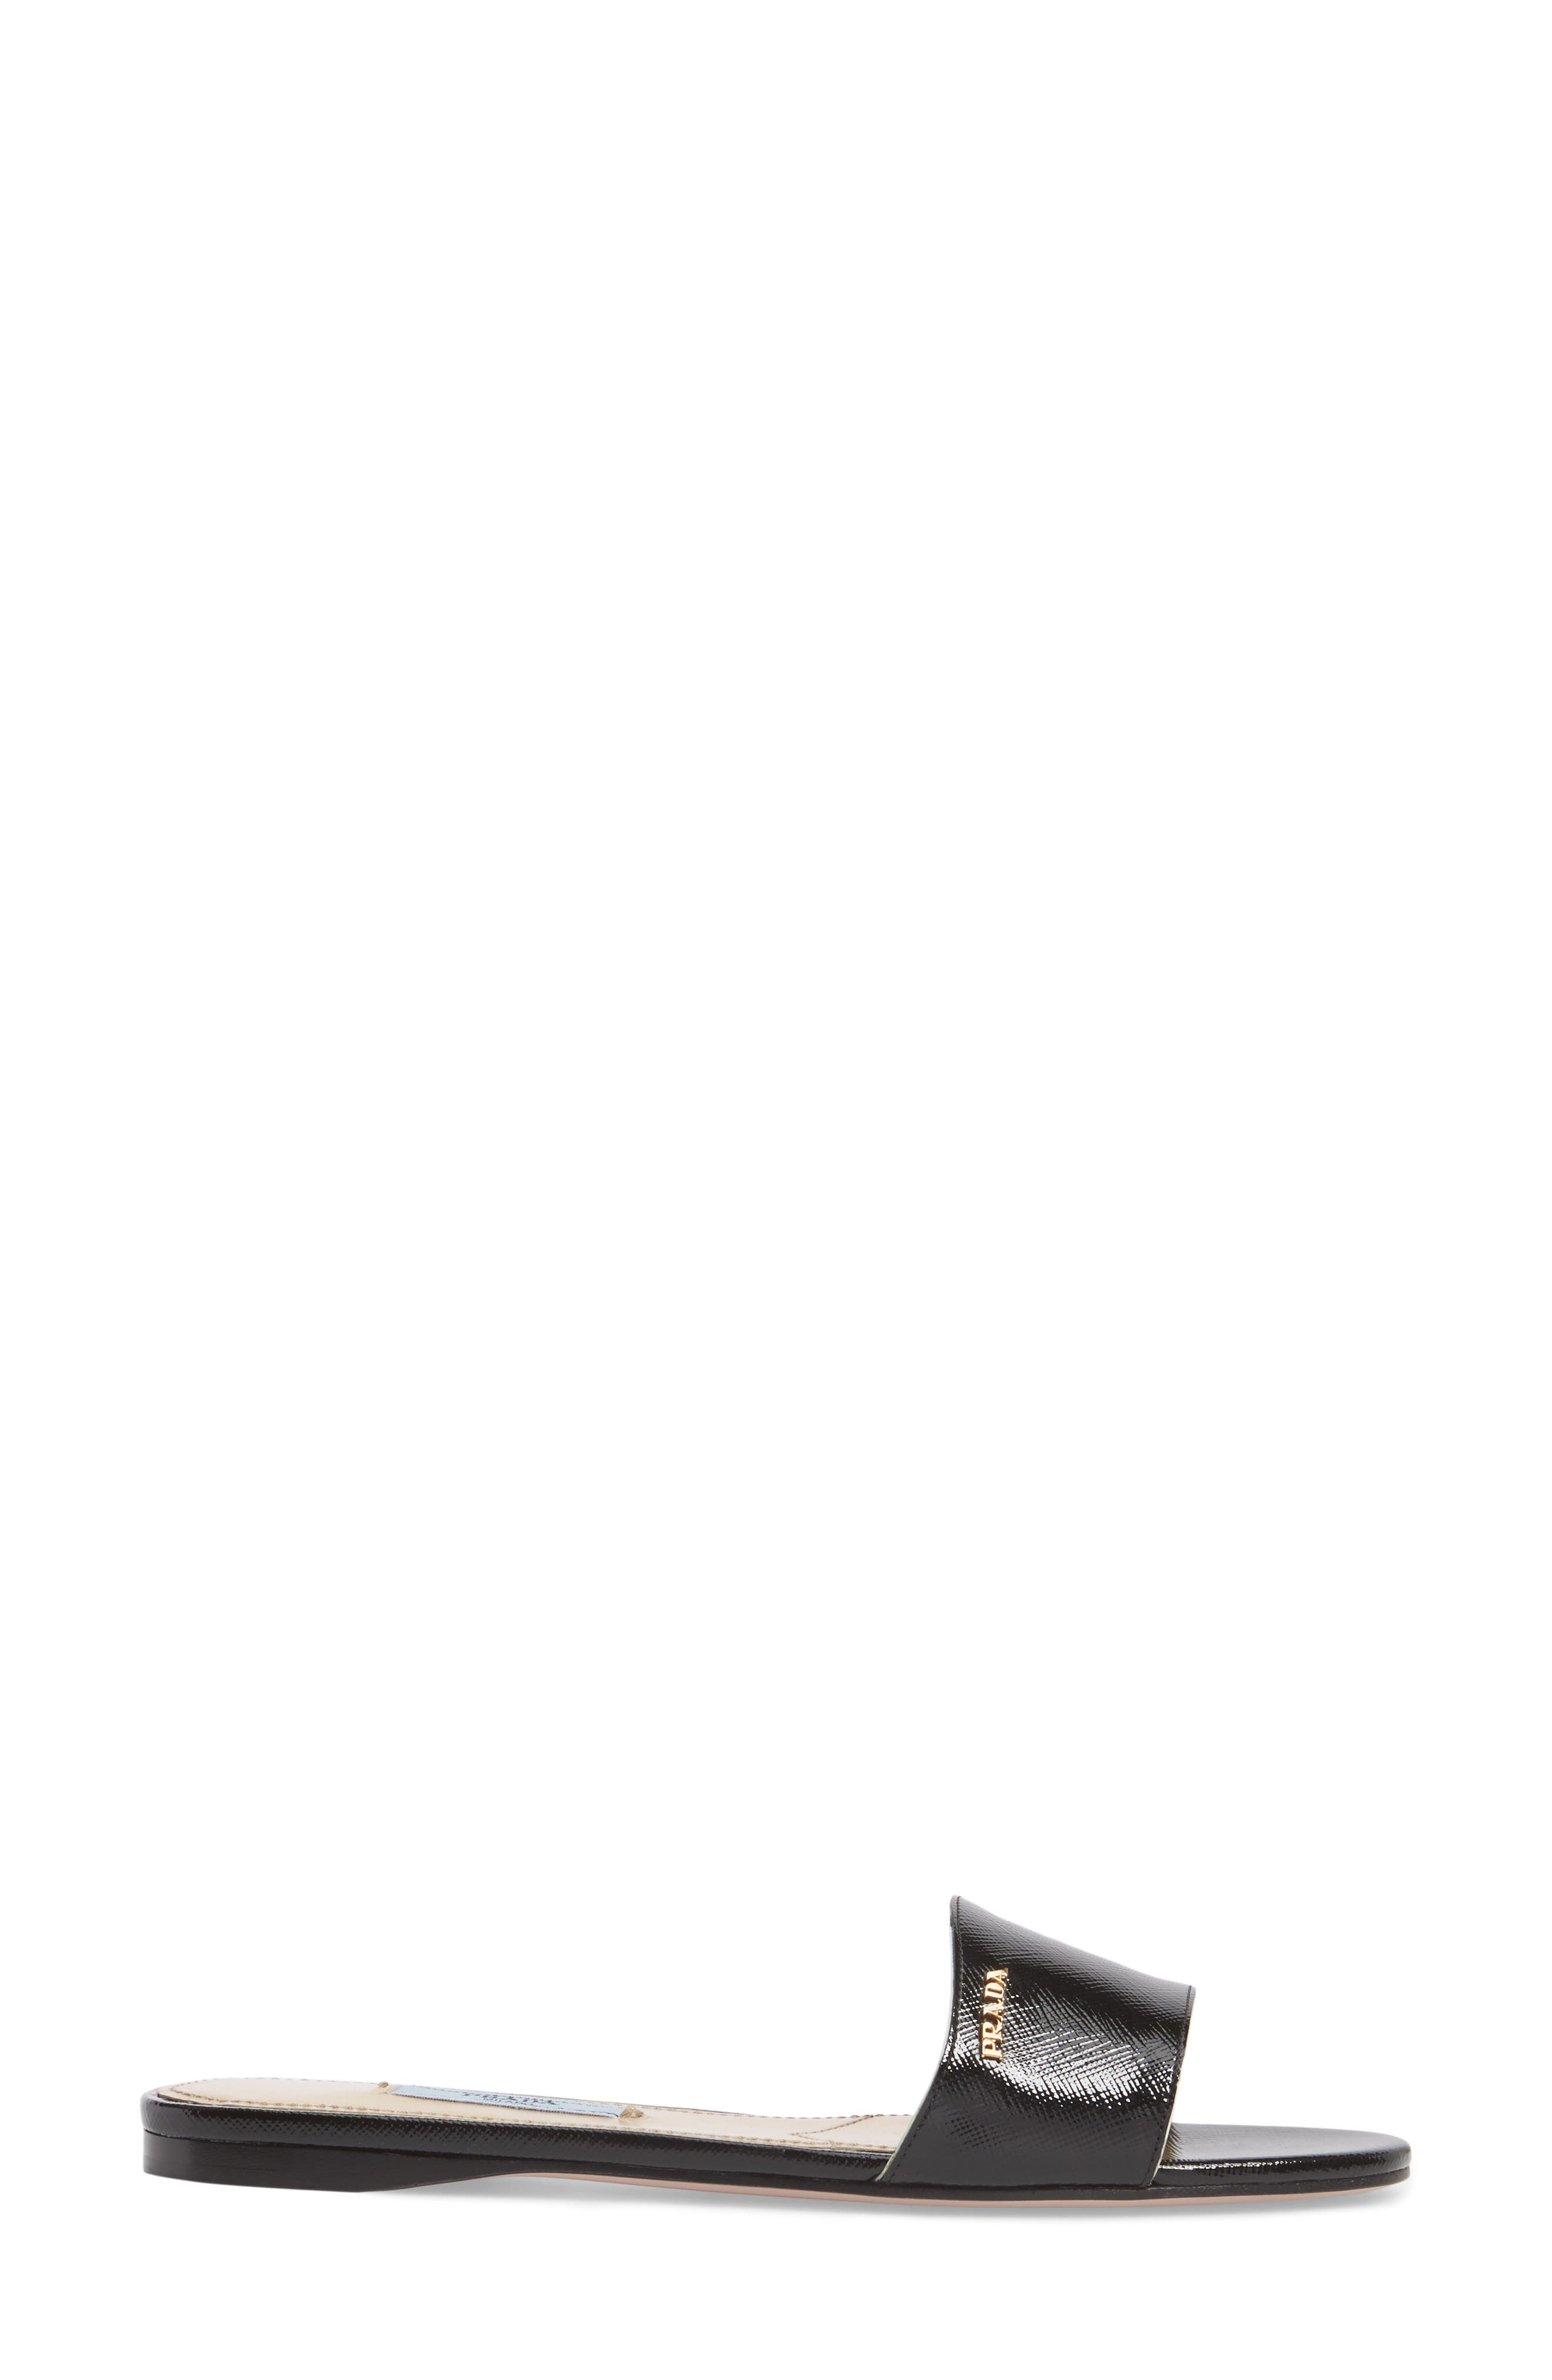 Slide Sandal,                             Alternate thumbnail 5, color,